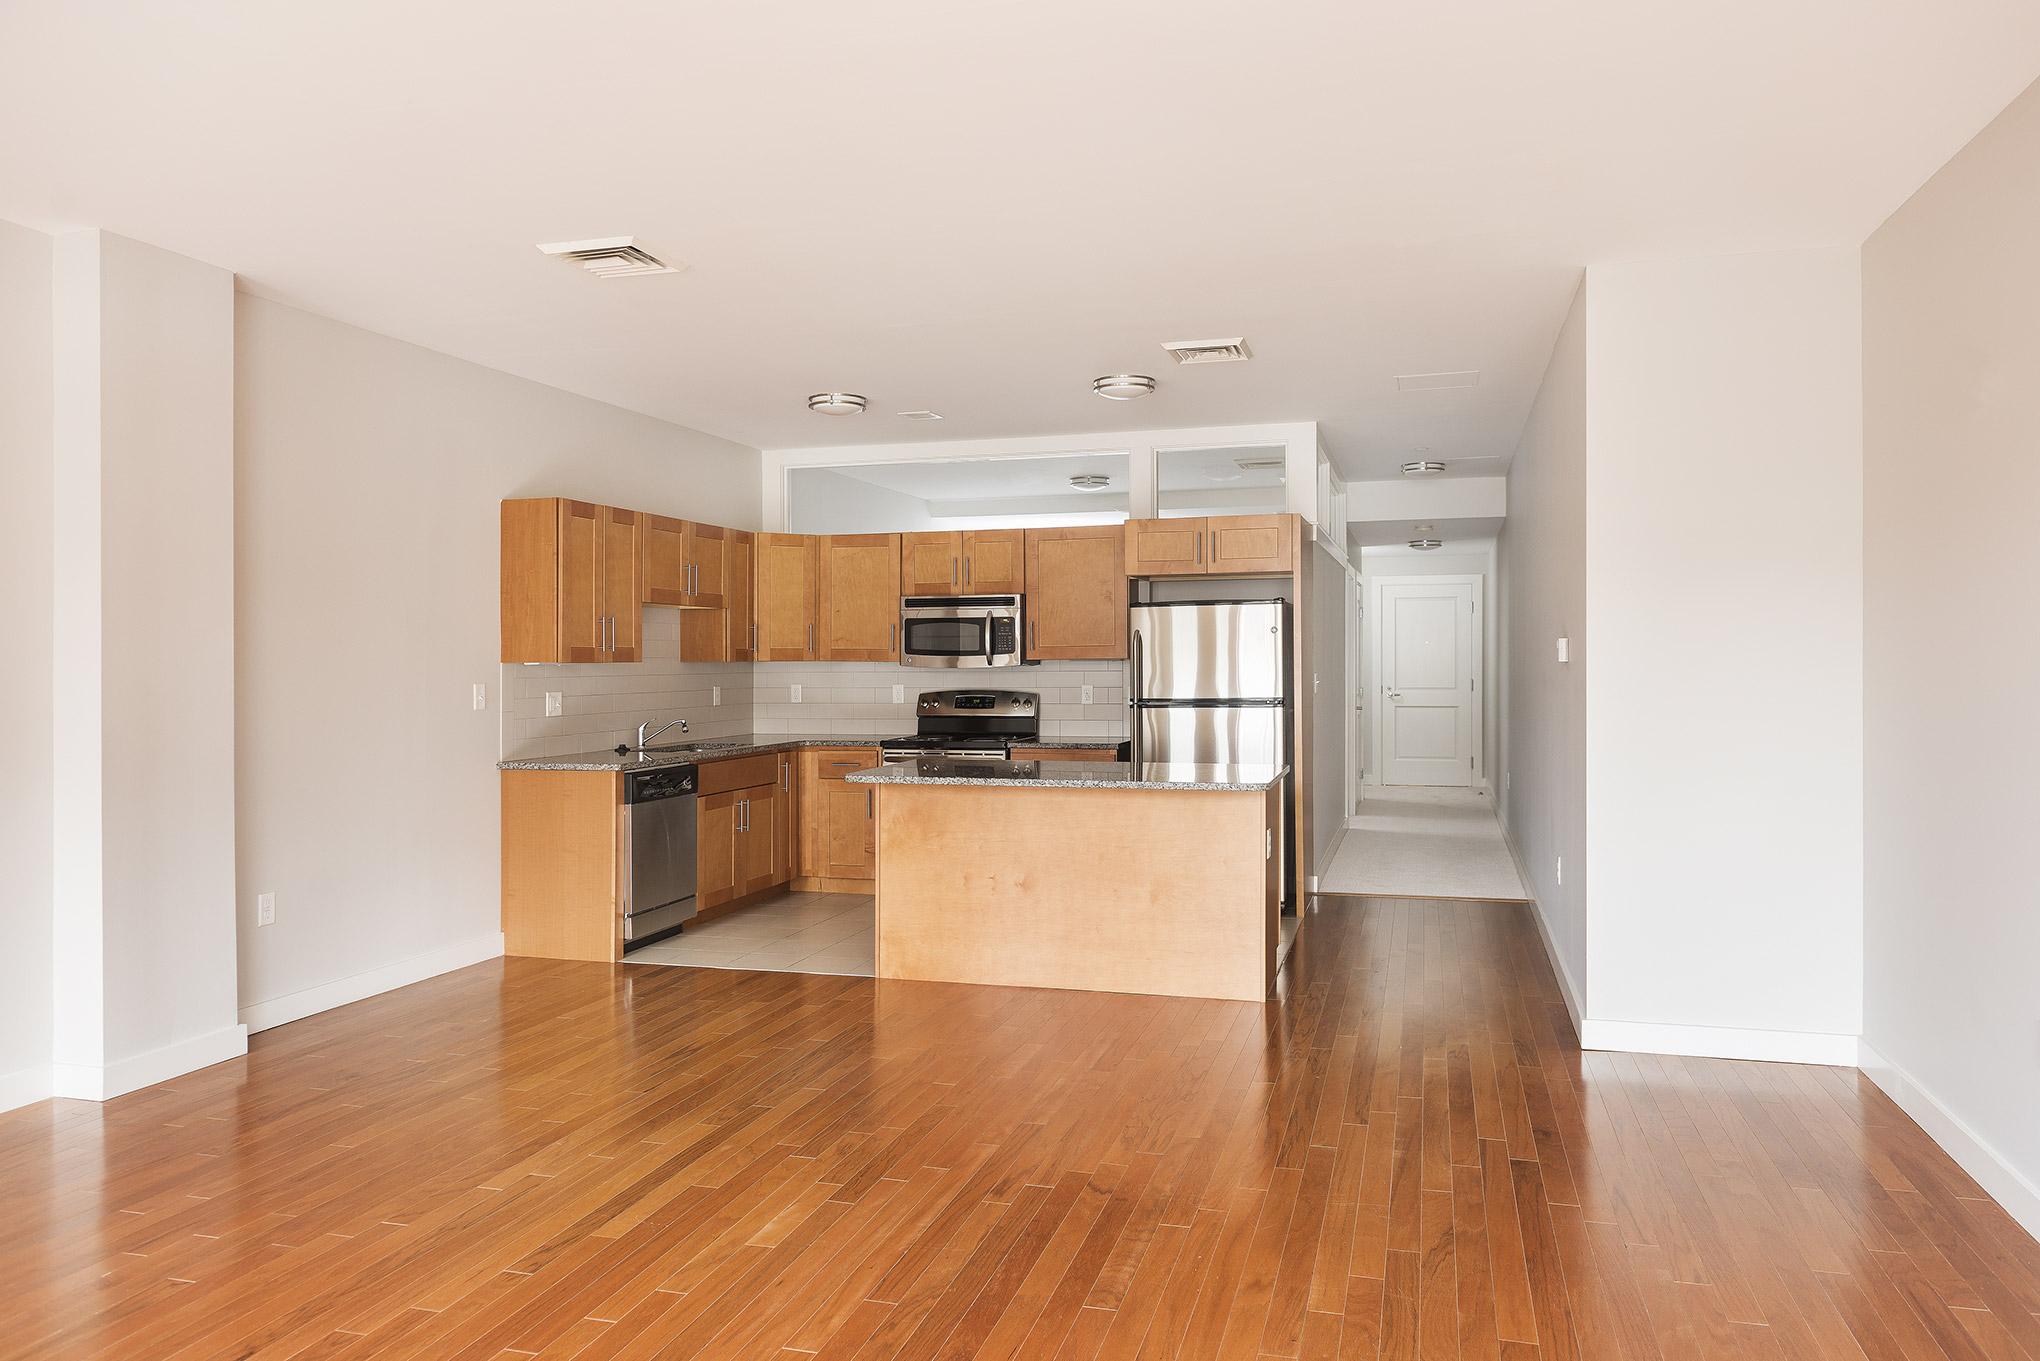 holmes-new-kitchen.jpg